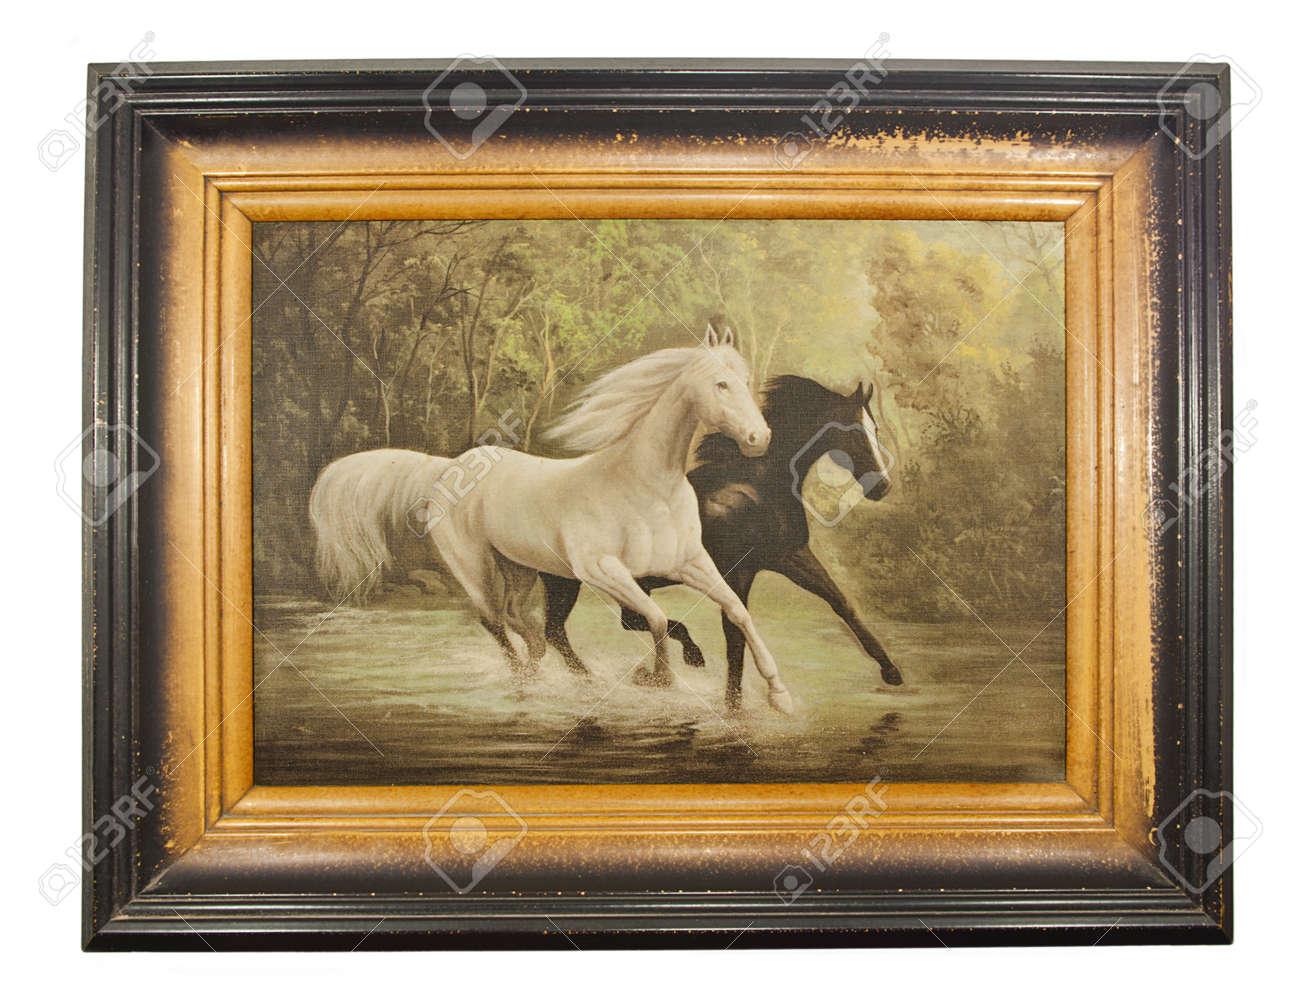 Tne Bild Zwei Pferde Im Alten Rahmen, Vintage, Isoliert Auf Weiß ...